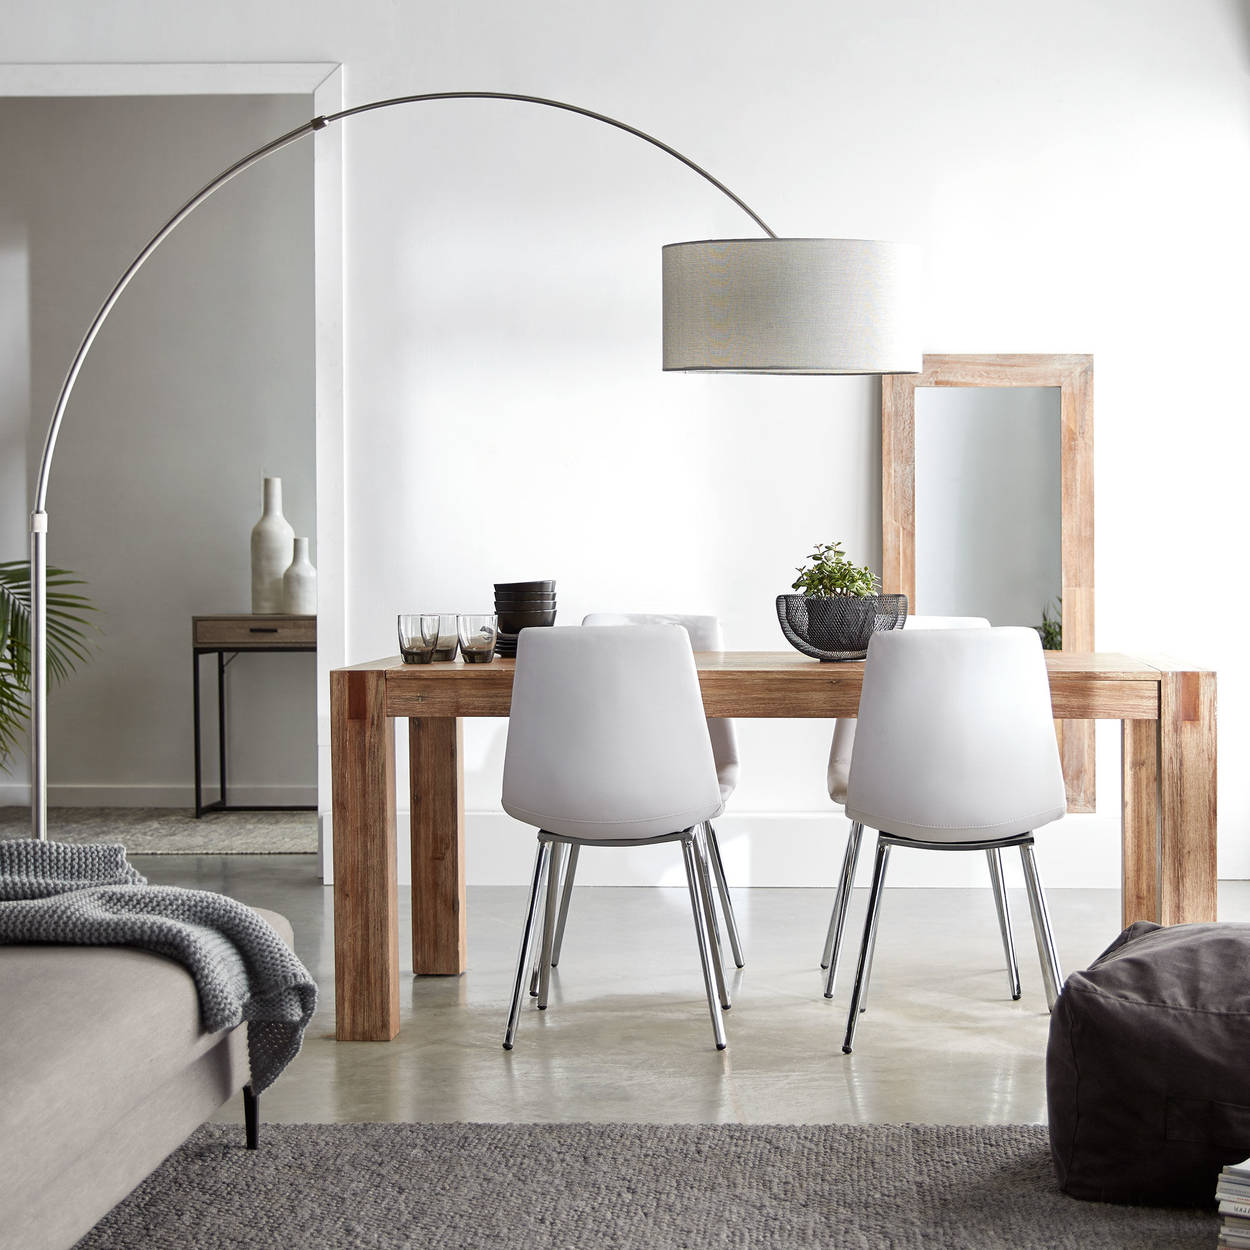 kleines wohnzimmer mit essbereich einrichten tipps der. Black Bedroom Furniture Sets. Home Design Ideas